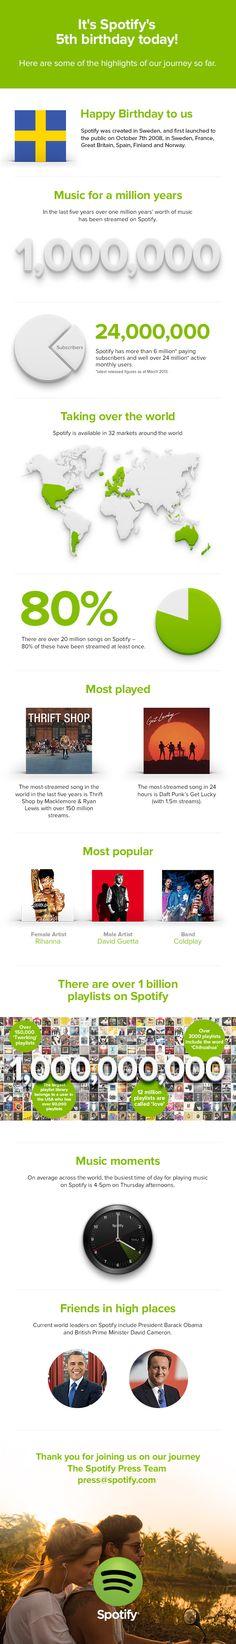 Spotify compie 5 anni e li festeggia con un'infografica.  #Spotify #Infographics